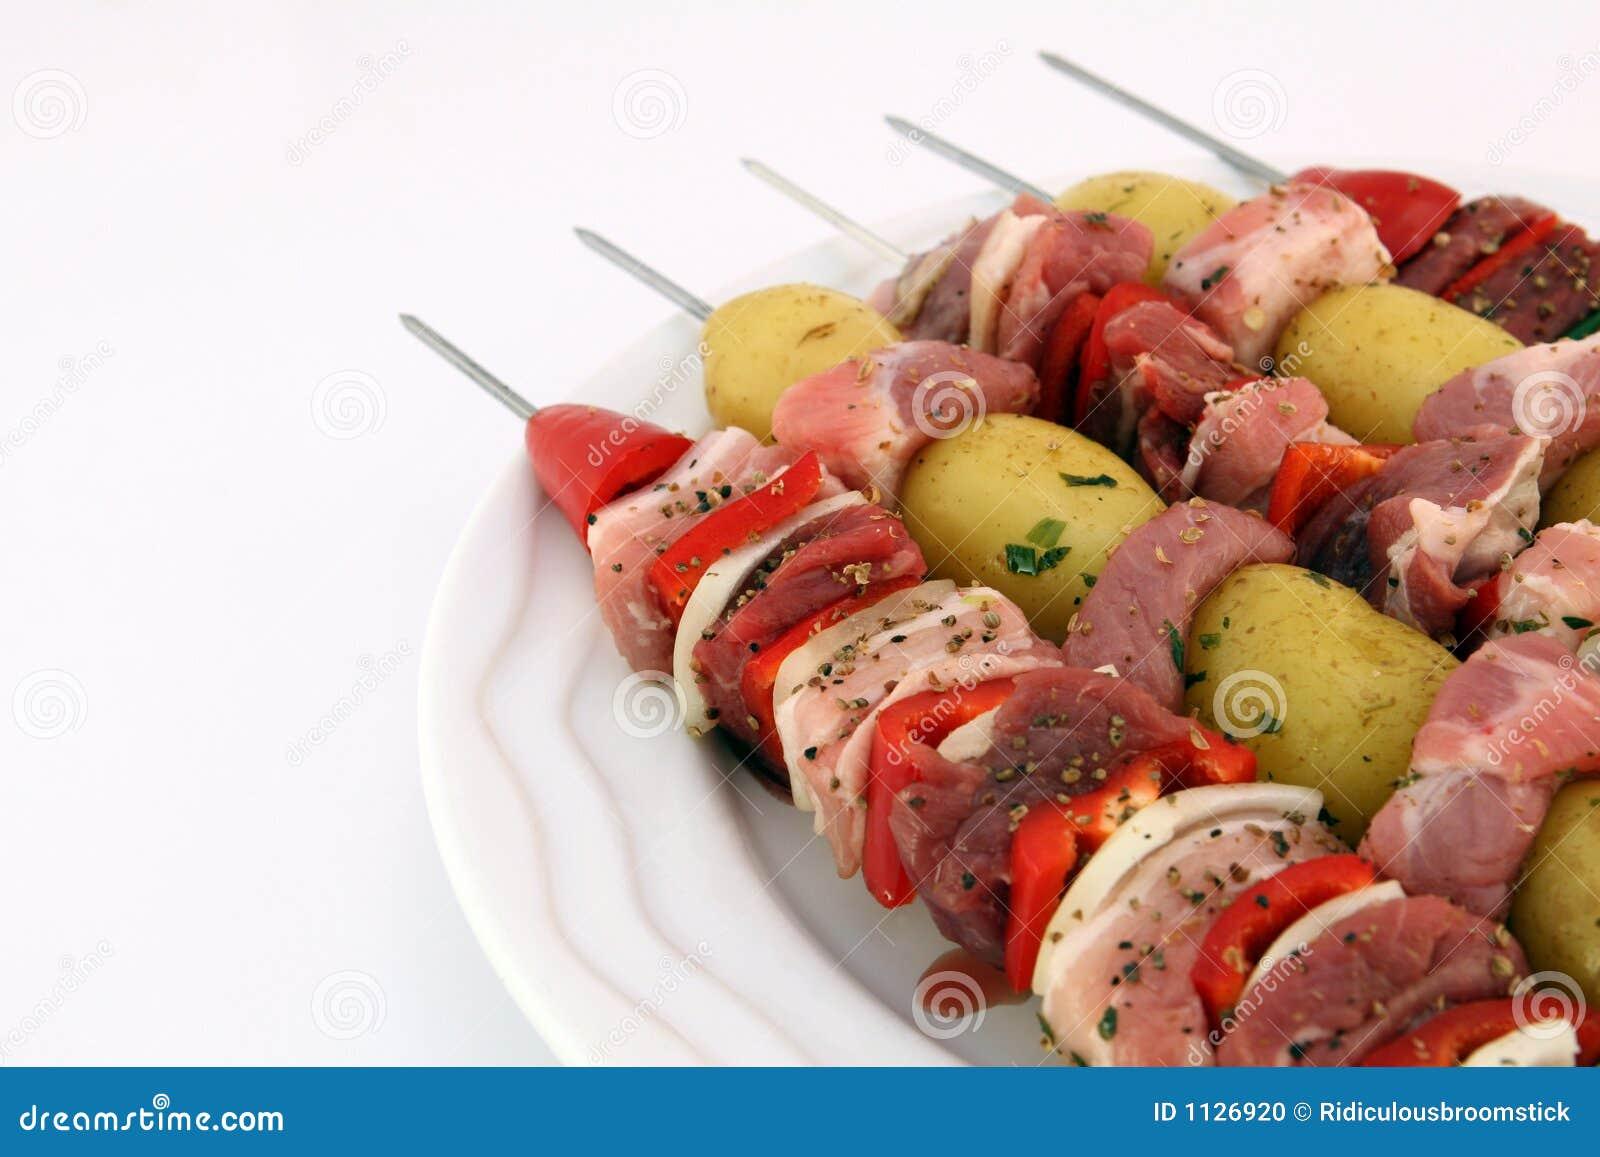 Carne De Vaca, Cordero, Y Kebabs - 275.8KB